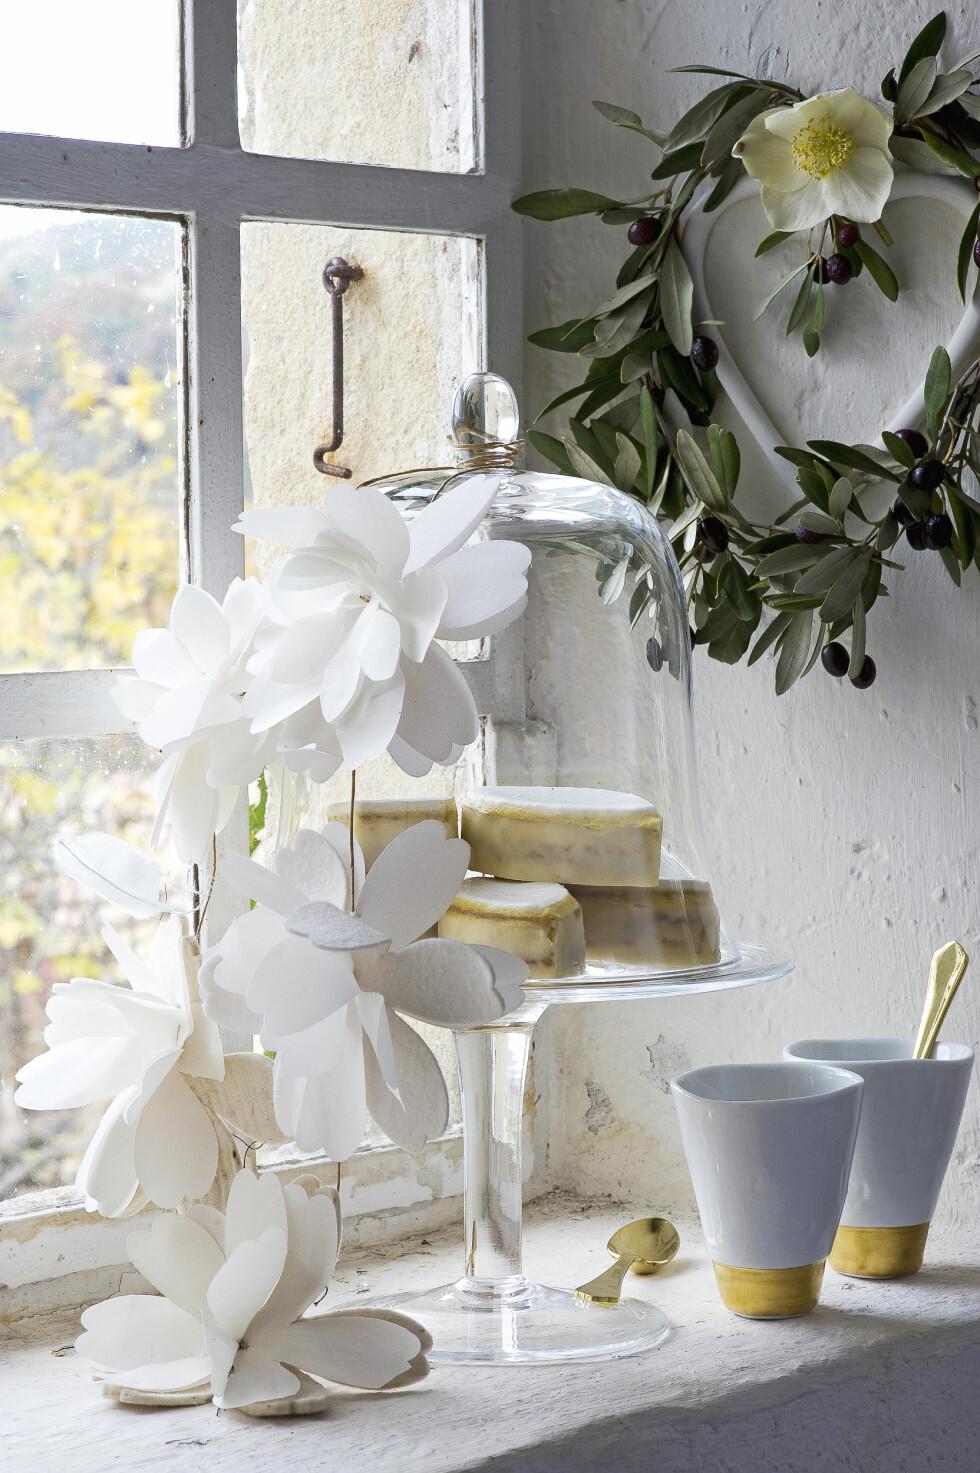 EVIGVARENDE BLOMSTER: Legg flere tynne ark oppå hverandre, brett en gang og fest dem sammen med et par stifter i bretten. Klipp deretter ut en halv blomst, som blir hel når du bretter ut arket. Tre blomstene etter hverandre på en tynn ståltråd, hjelp til med litt lim. PS! Du får også  kjøpt fine blomstergirlander på blant annet etsy.com. Foto: Scanpix